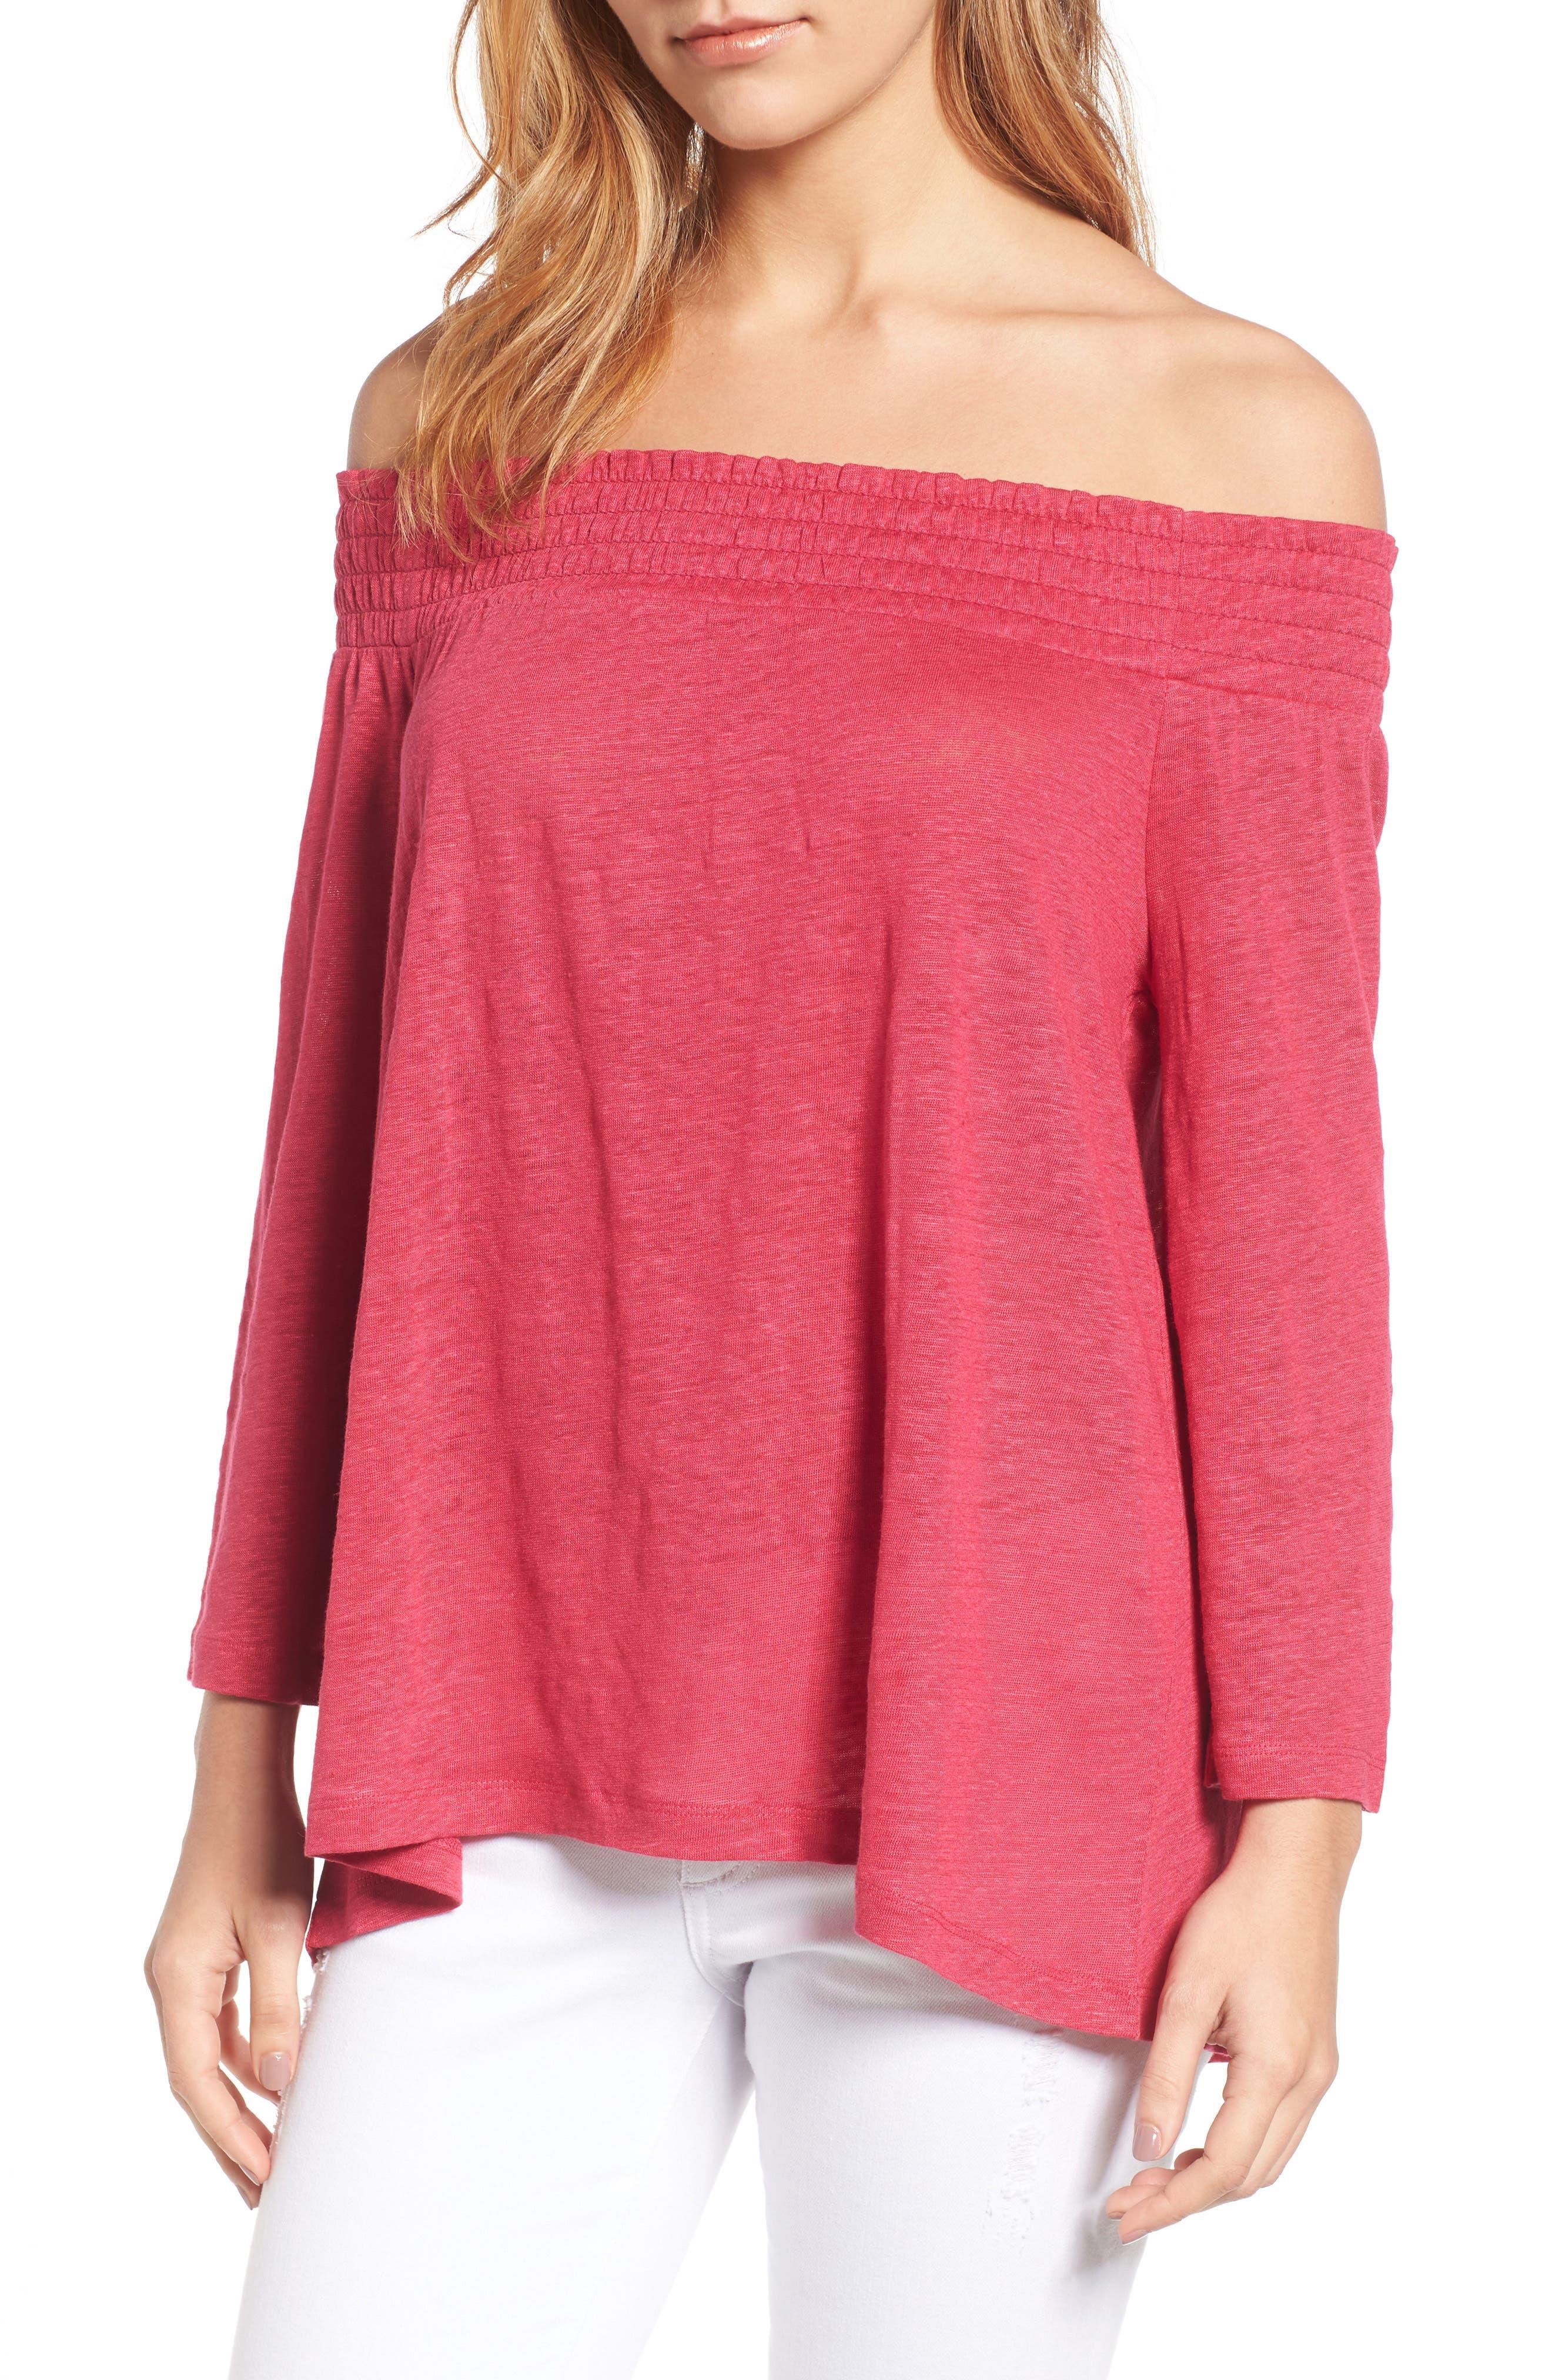 Alternate Image 1 Selected - Caslon® Off the Shoulder Linen Knit Top (Regular & Petite)